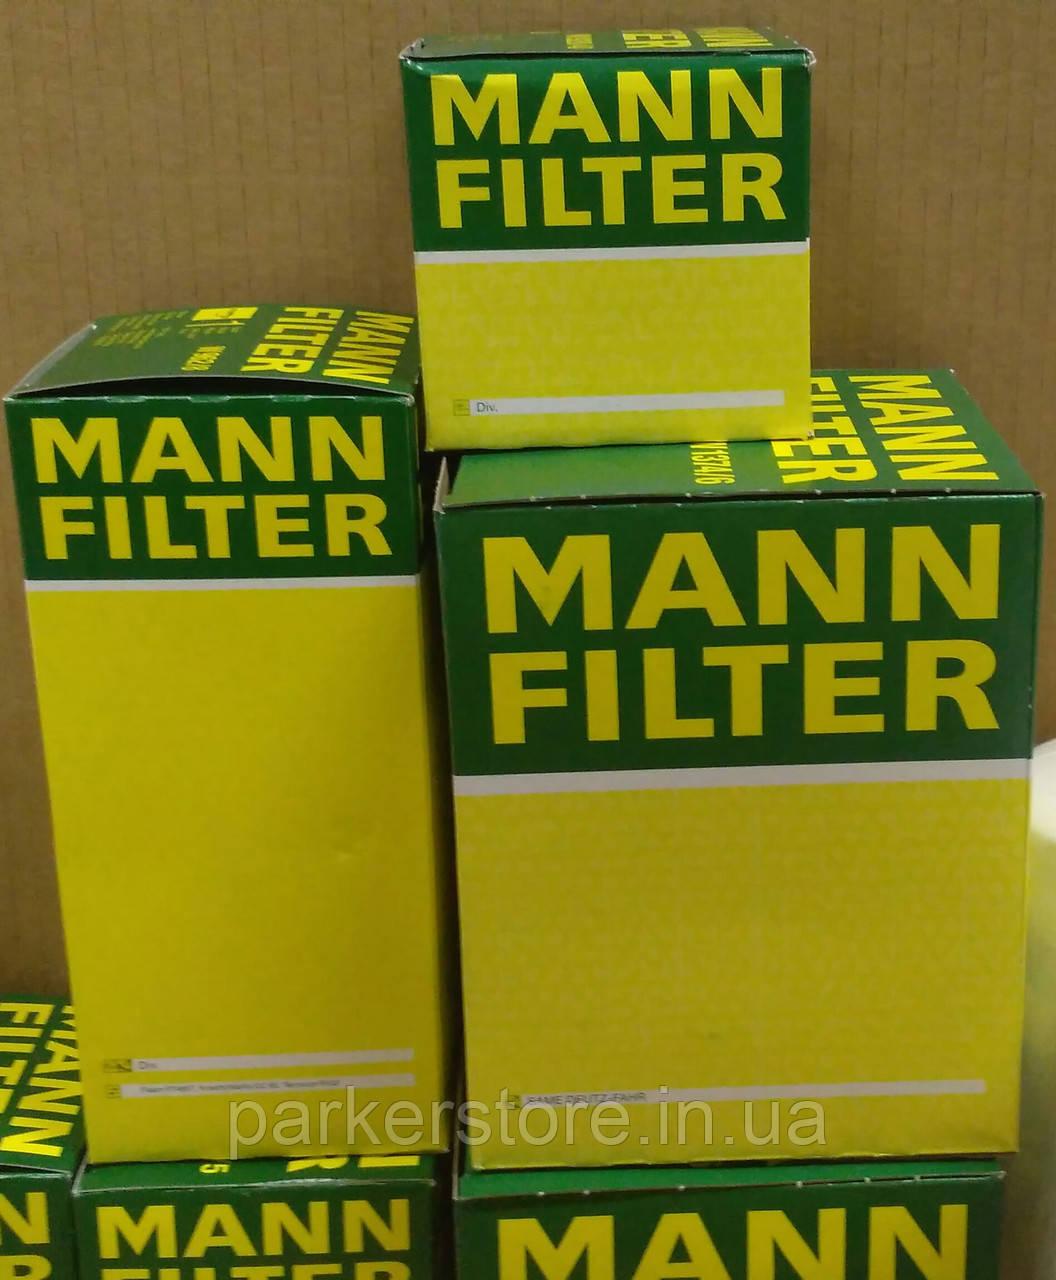 MANN FILTER / Повітряний фільтр / C 2726 / C2726